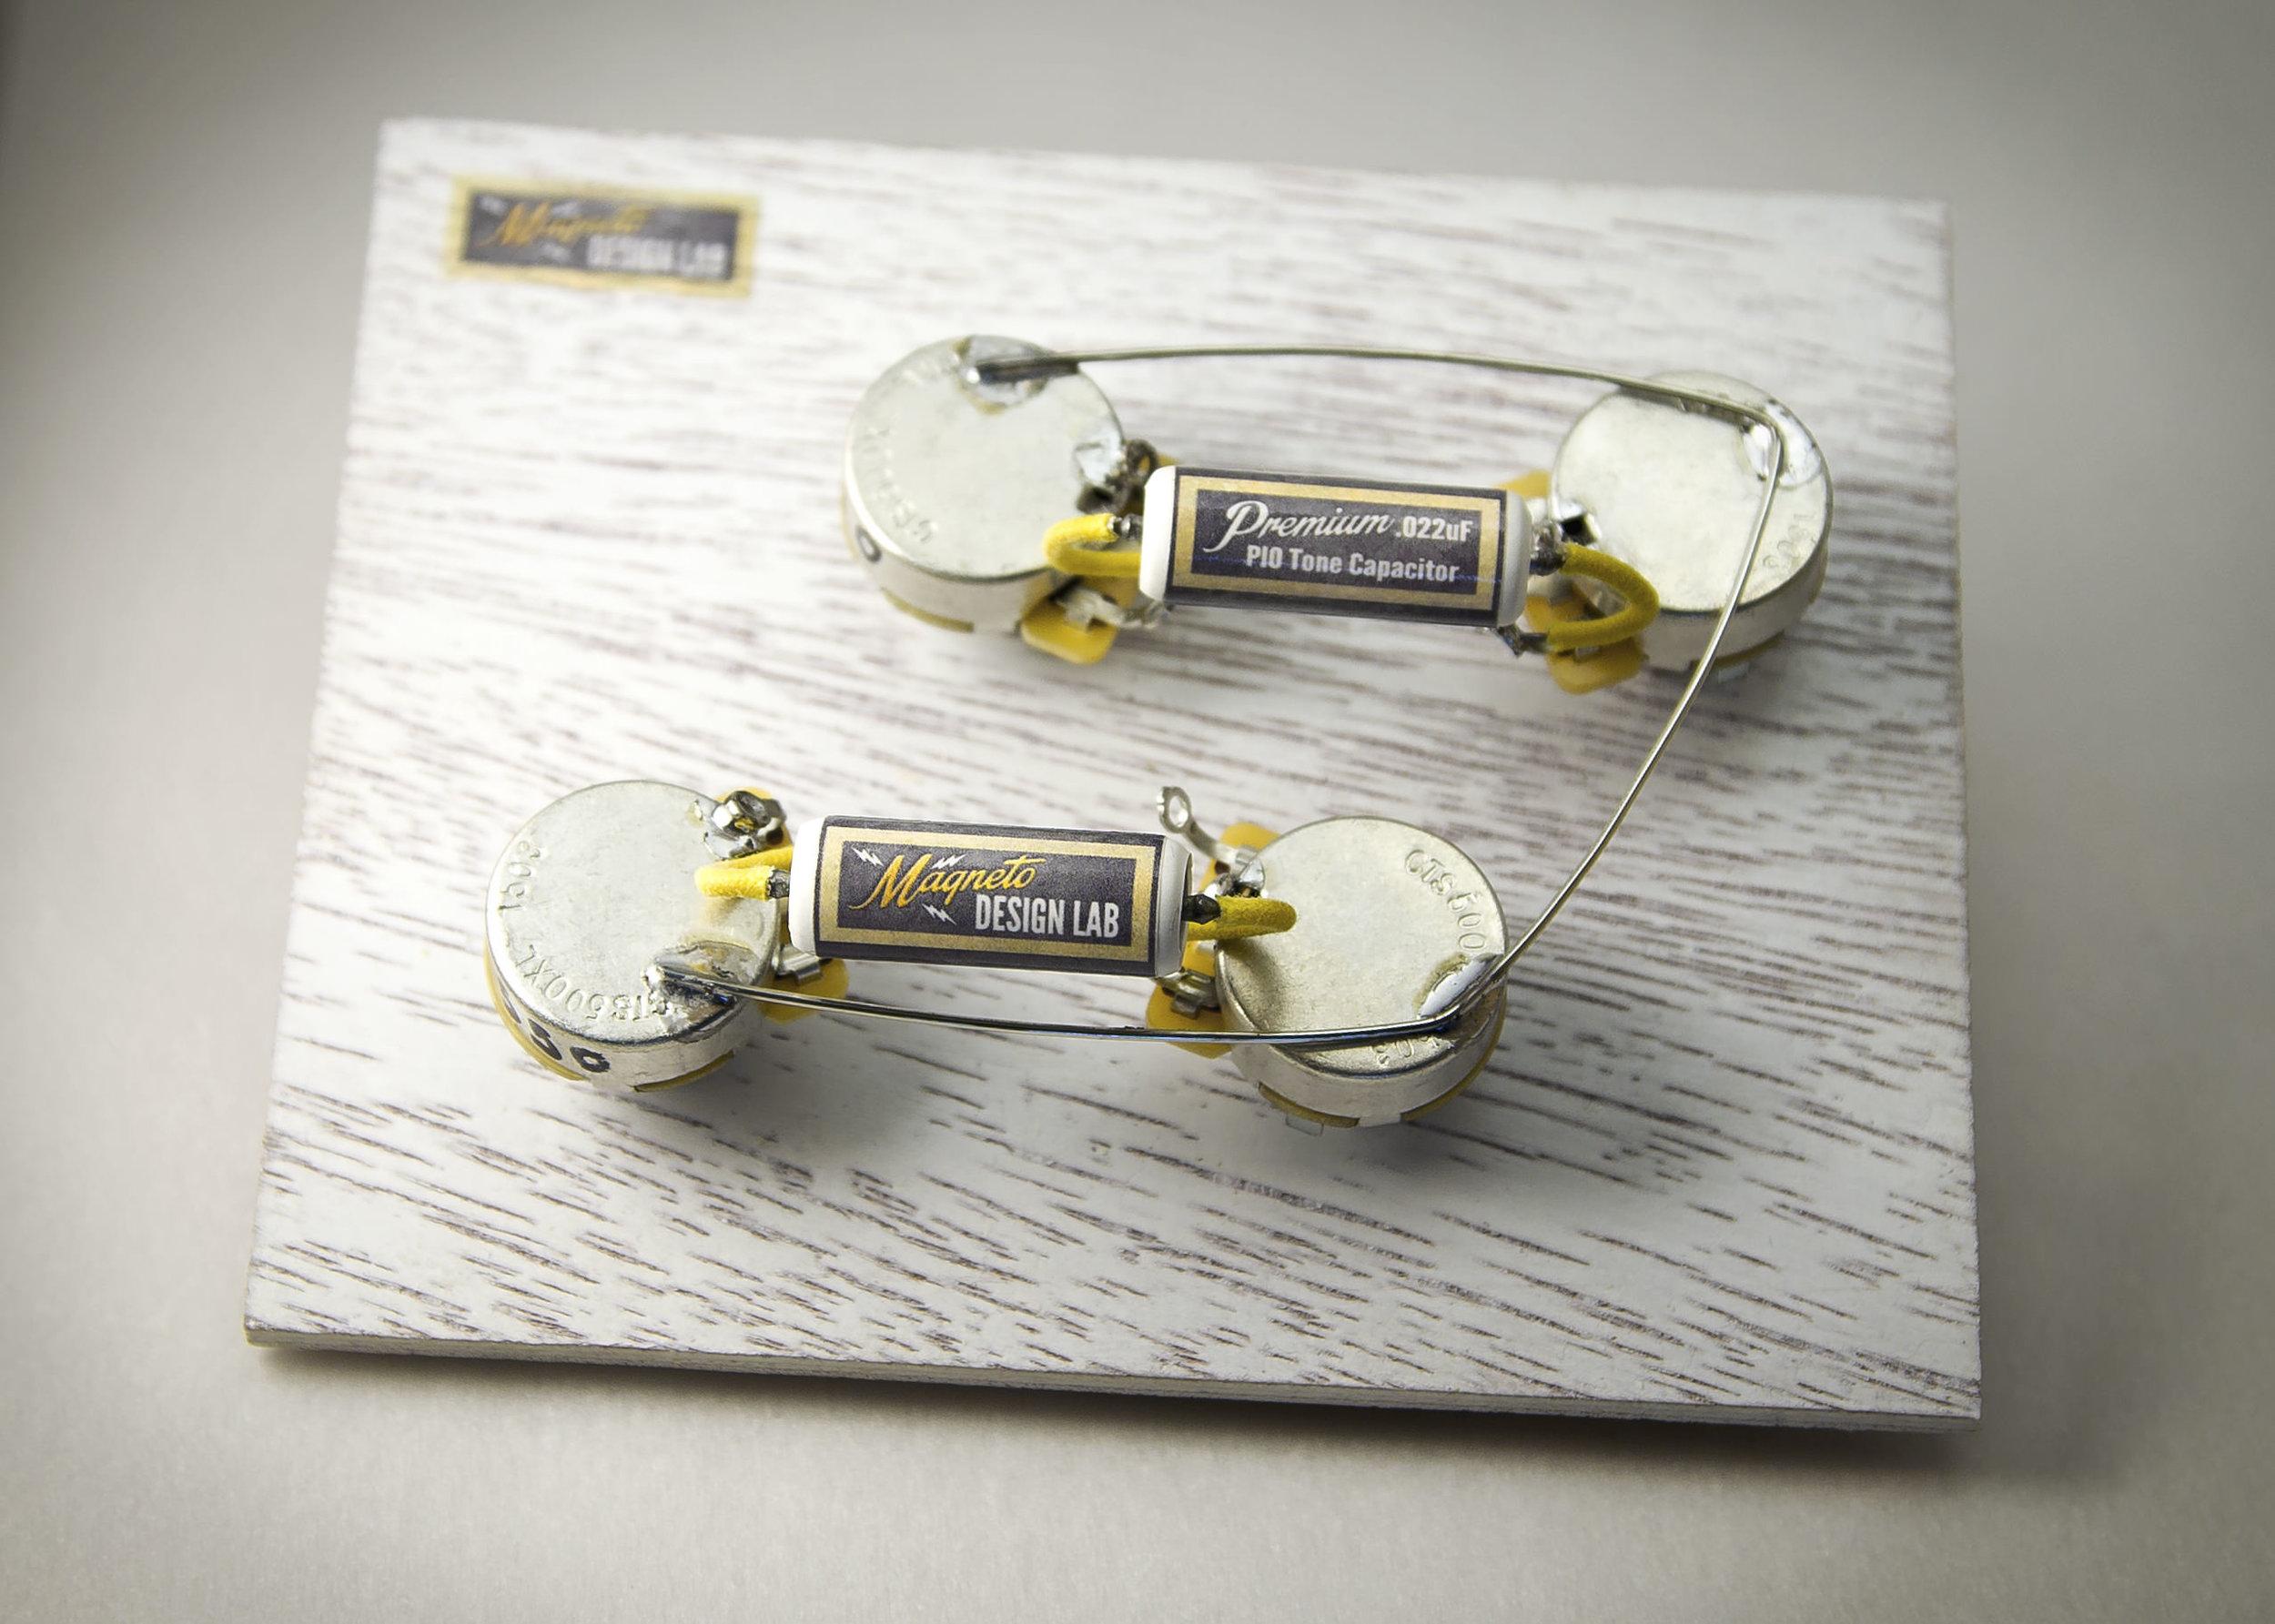 Les+Paul+Wiring beauty+shot+4 MG_1263?format=1500w paul wiring harness wiring harness les paul at eliteediting.co